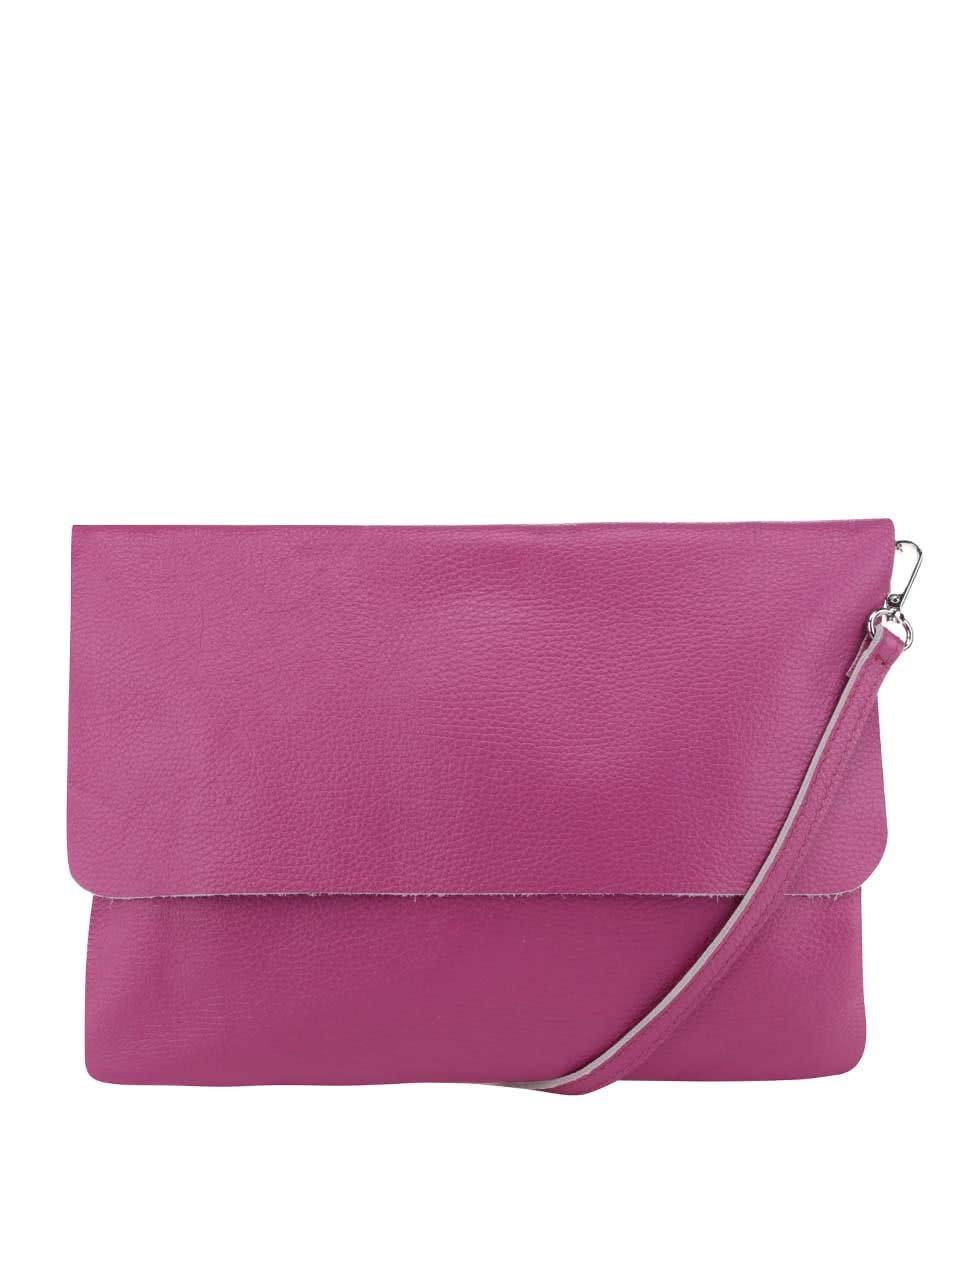 Růžová kožená crossbody kabelka/psaníčko ZOOT